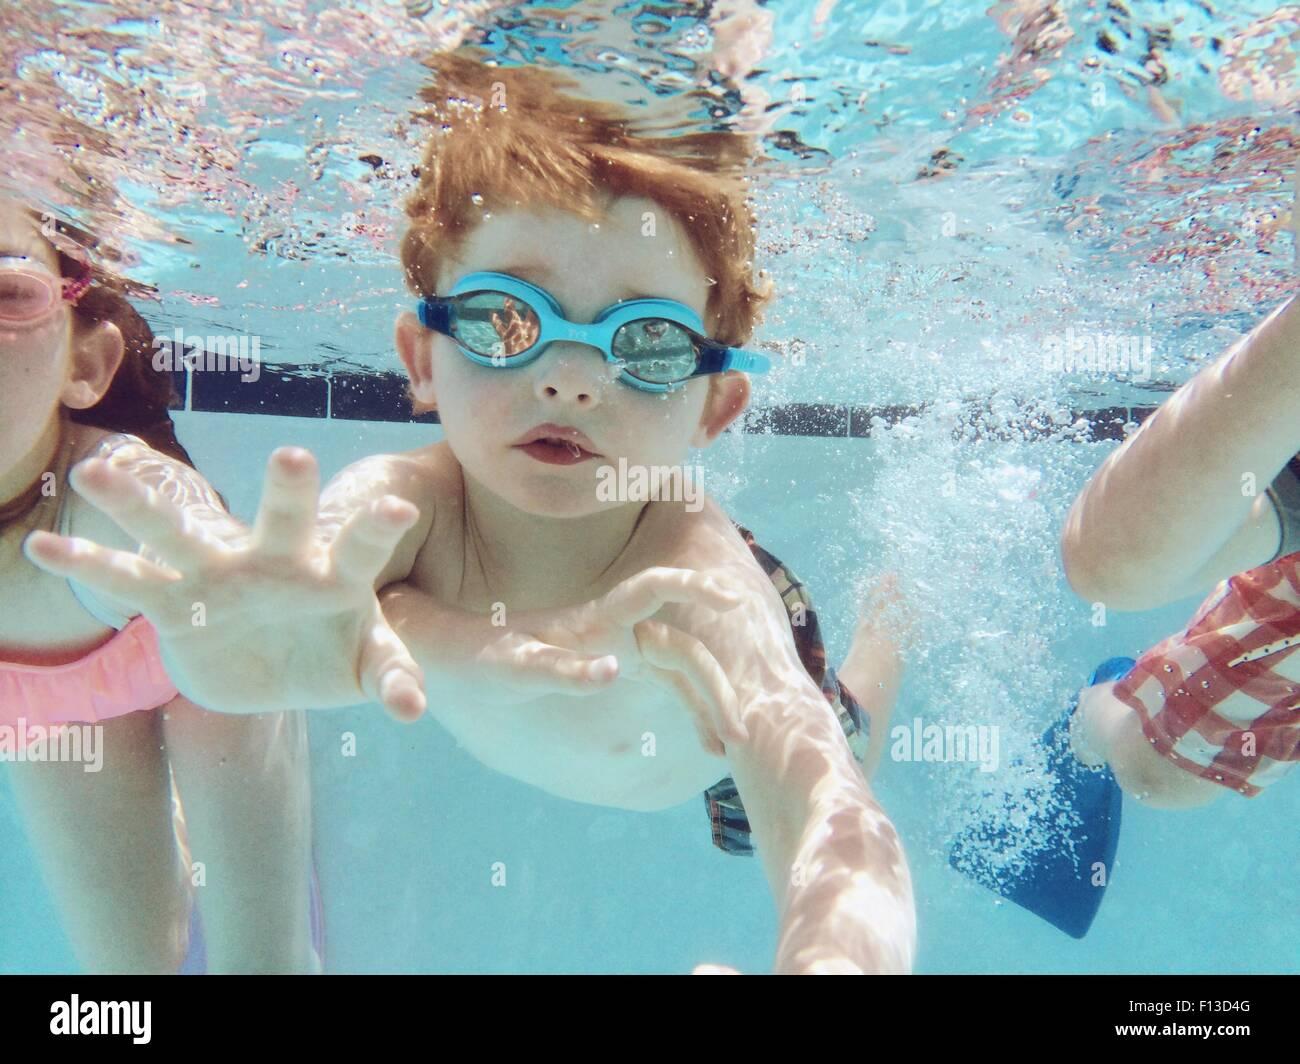 Retrato de un niño nadar con amigos Imagen De Stock